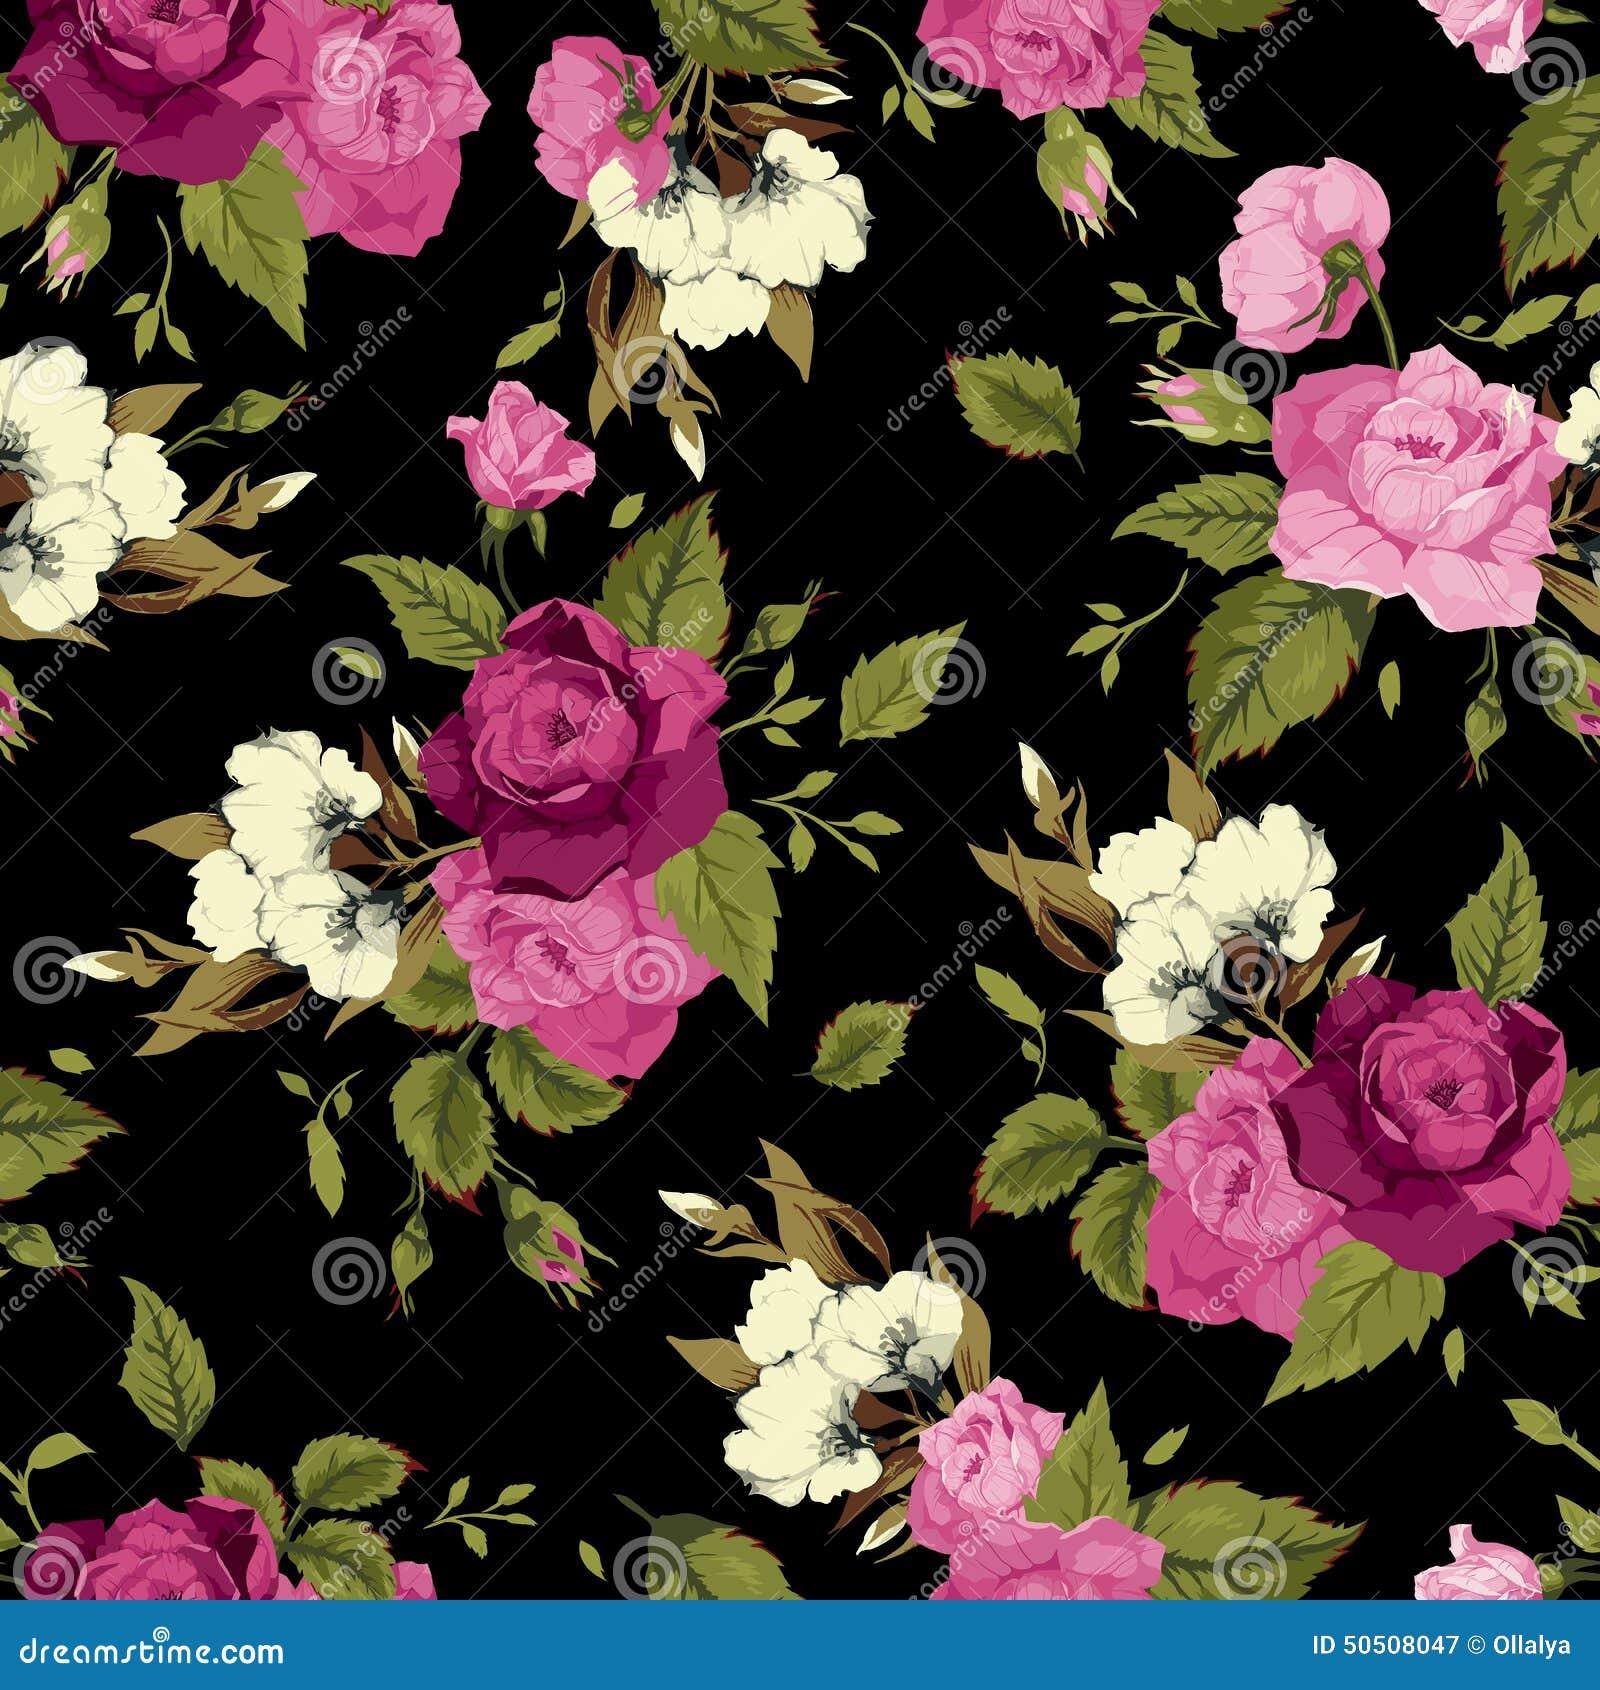 Estampado De Flores Inconsutil Con Las Rosas Rosadas En Fondo Negro